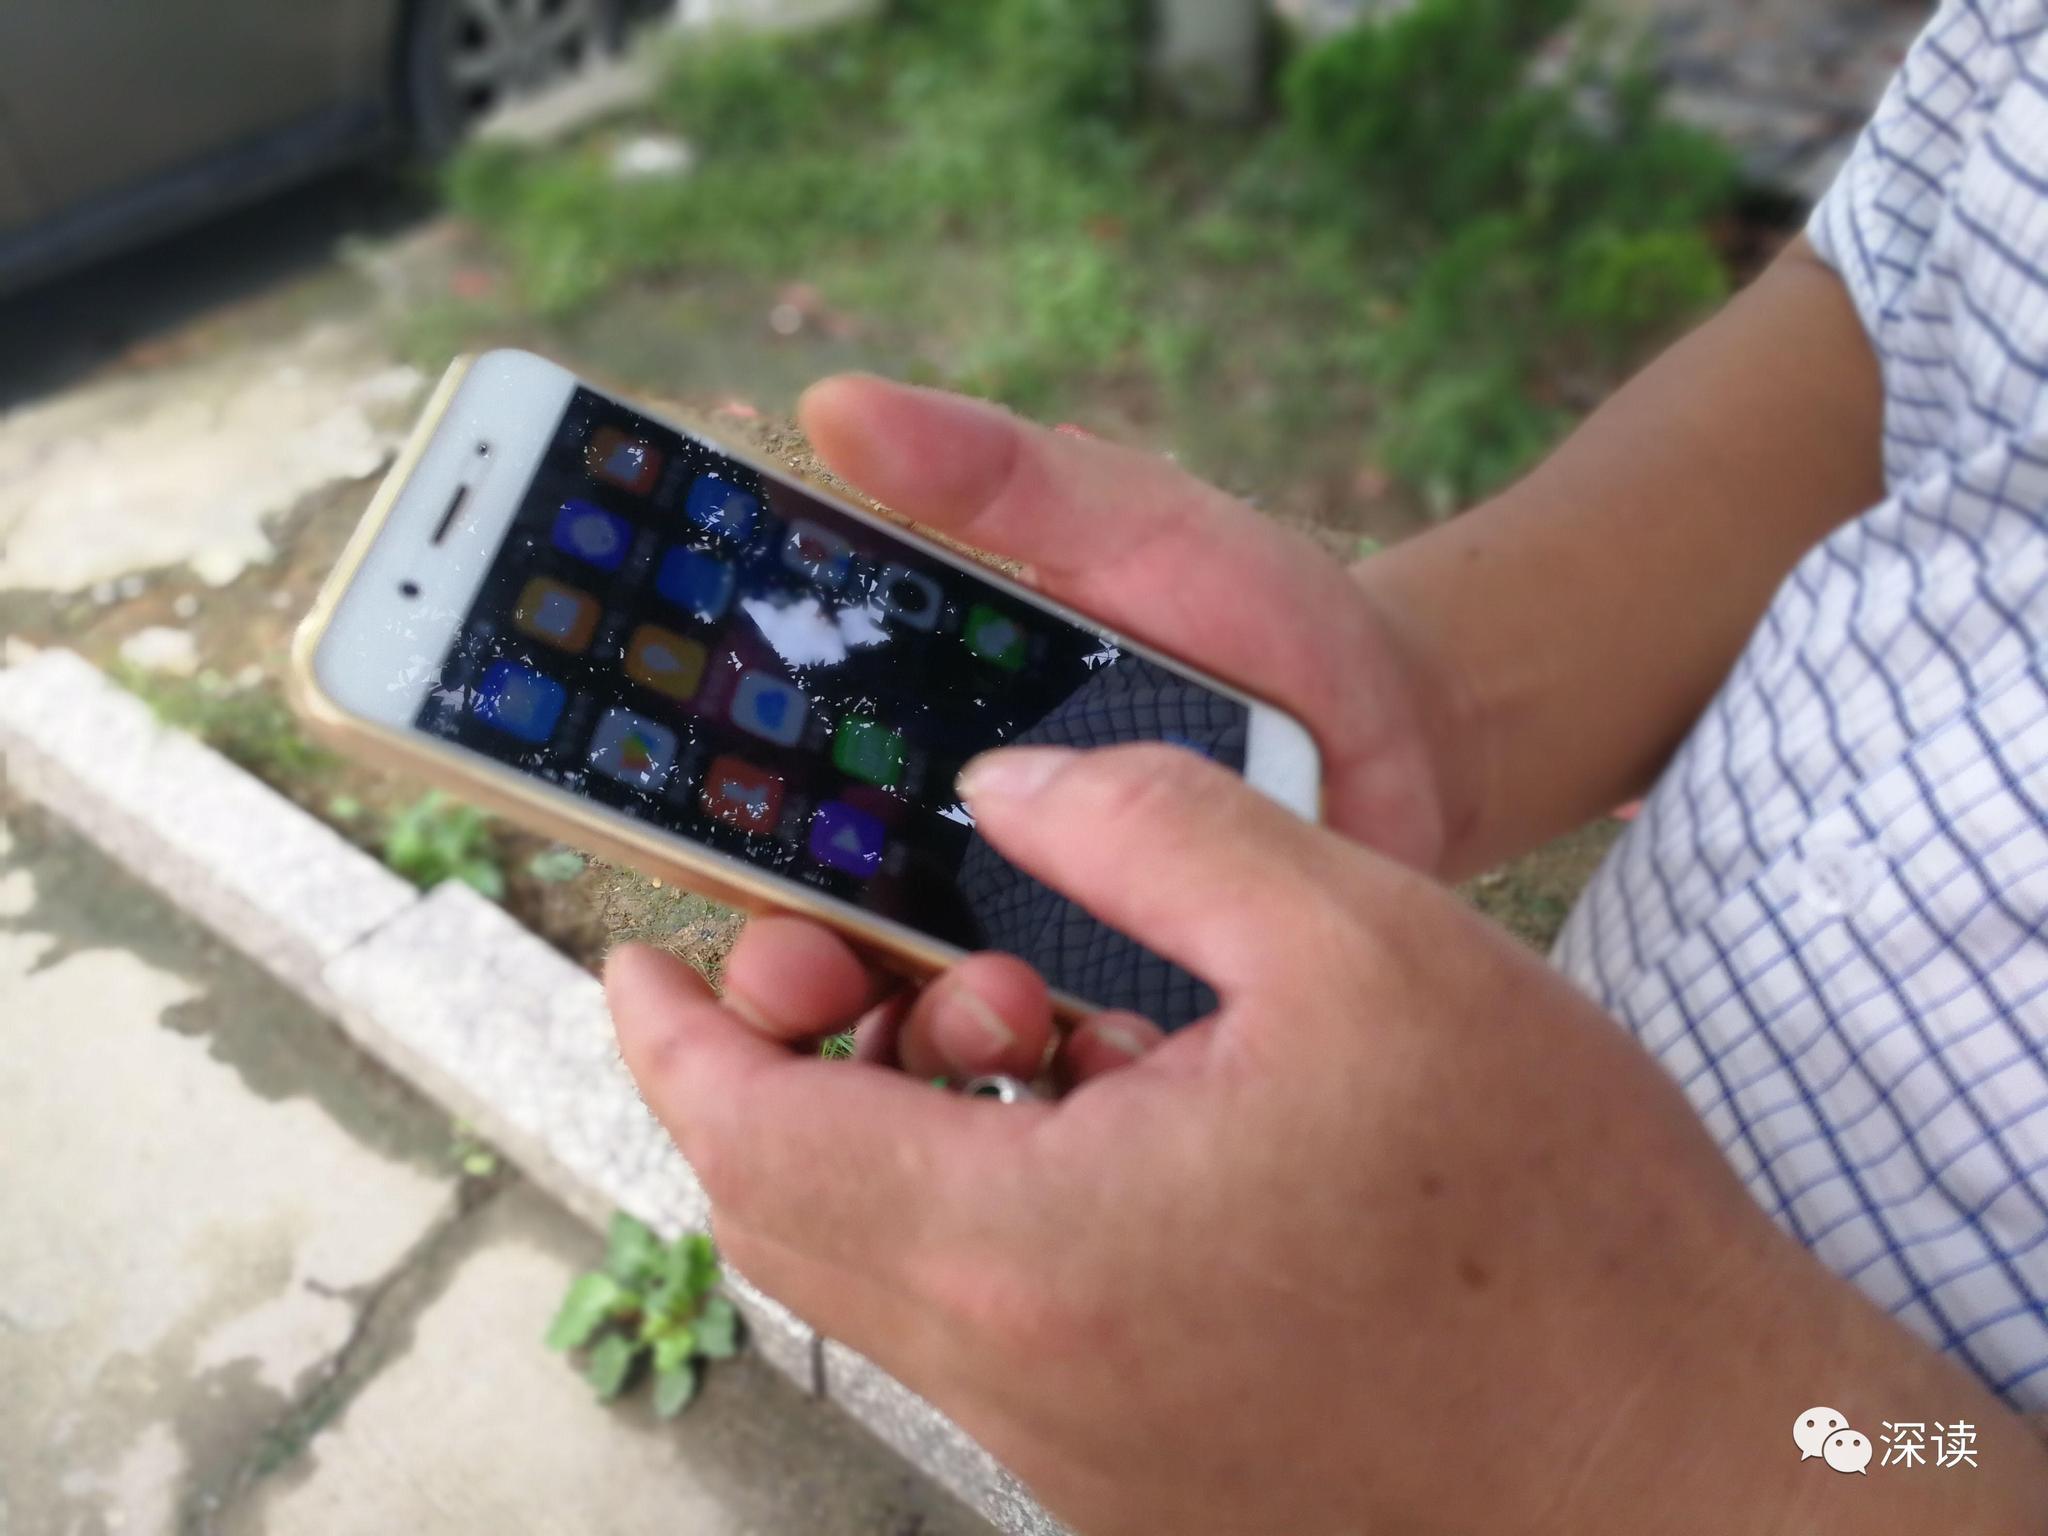 杨德武出狱后有了第一部智能手机